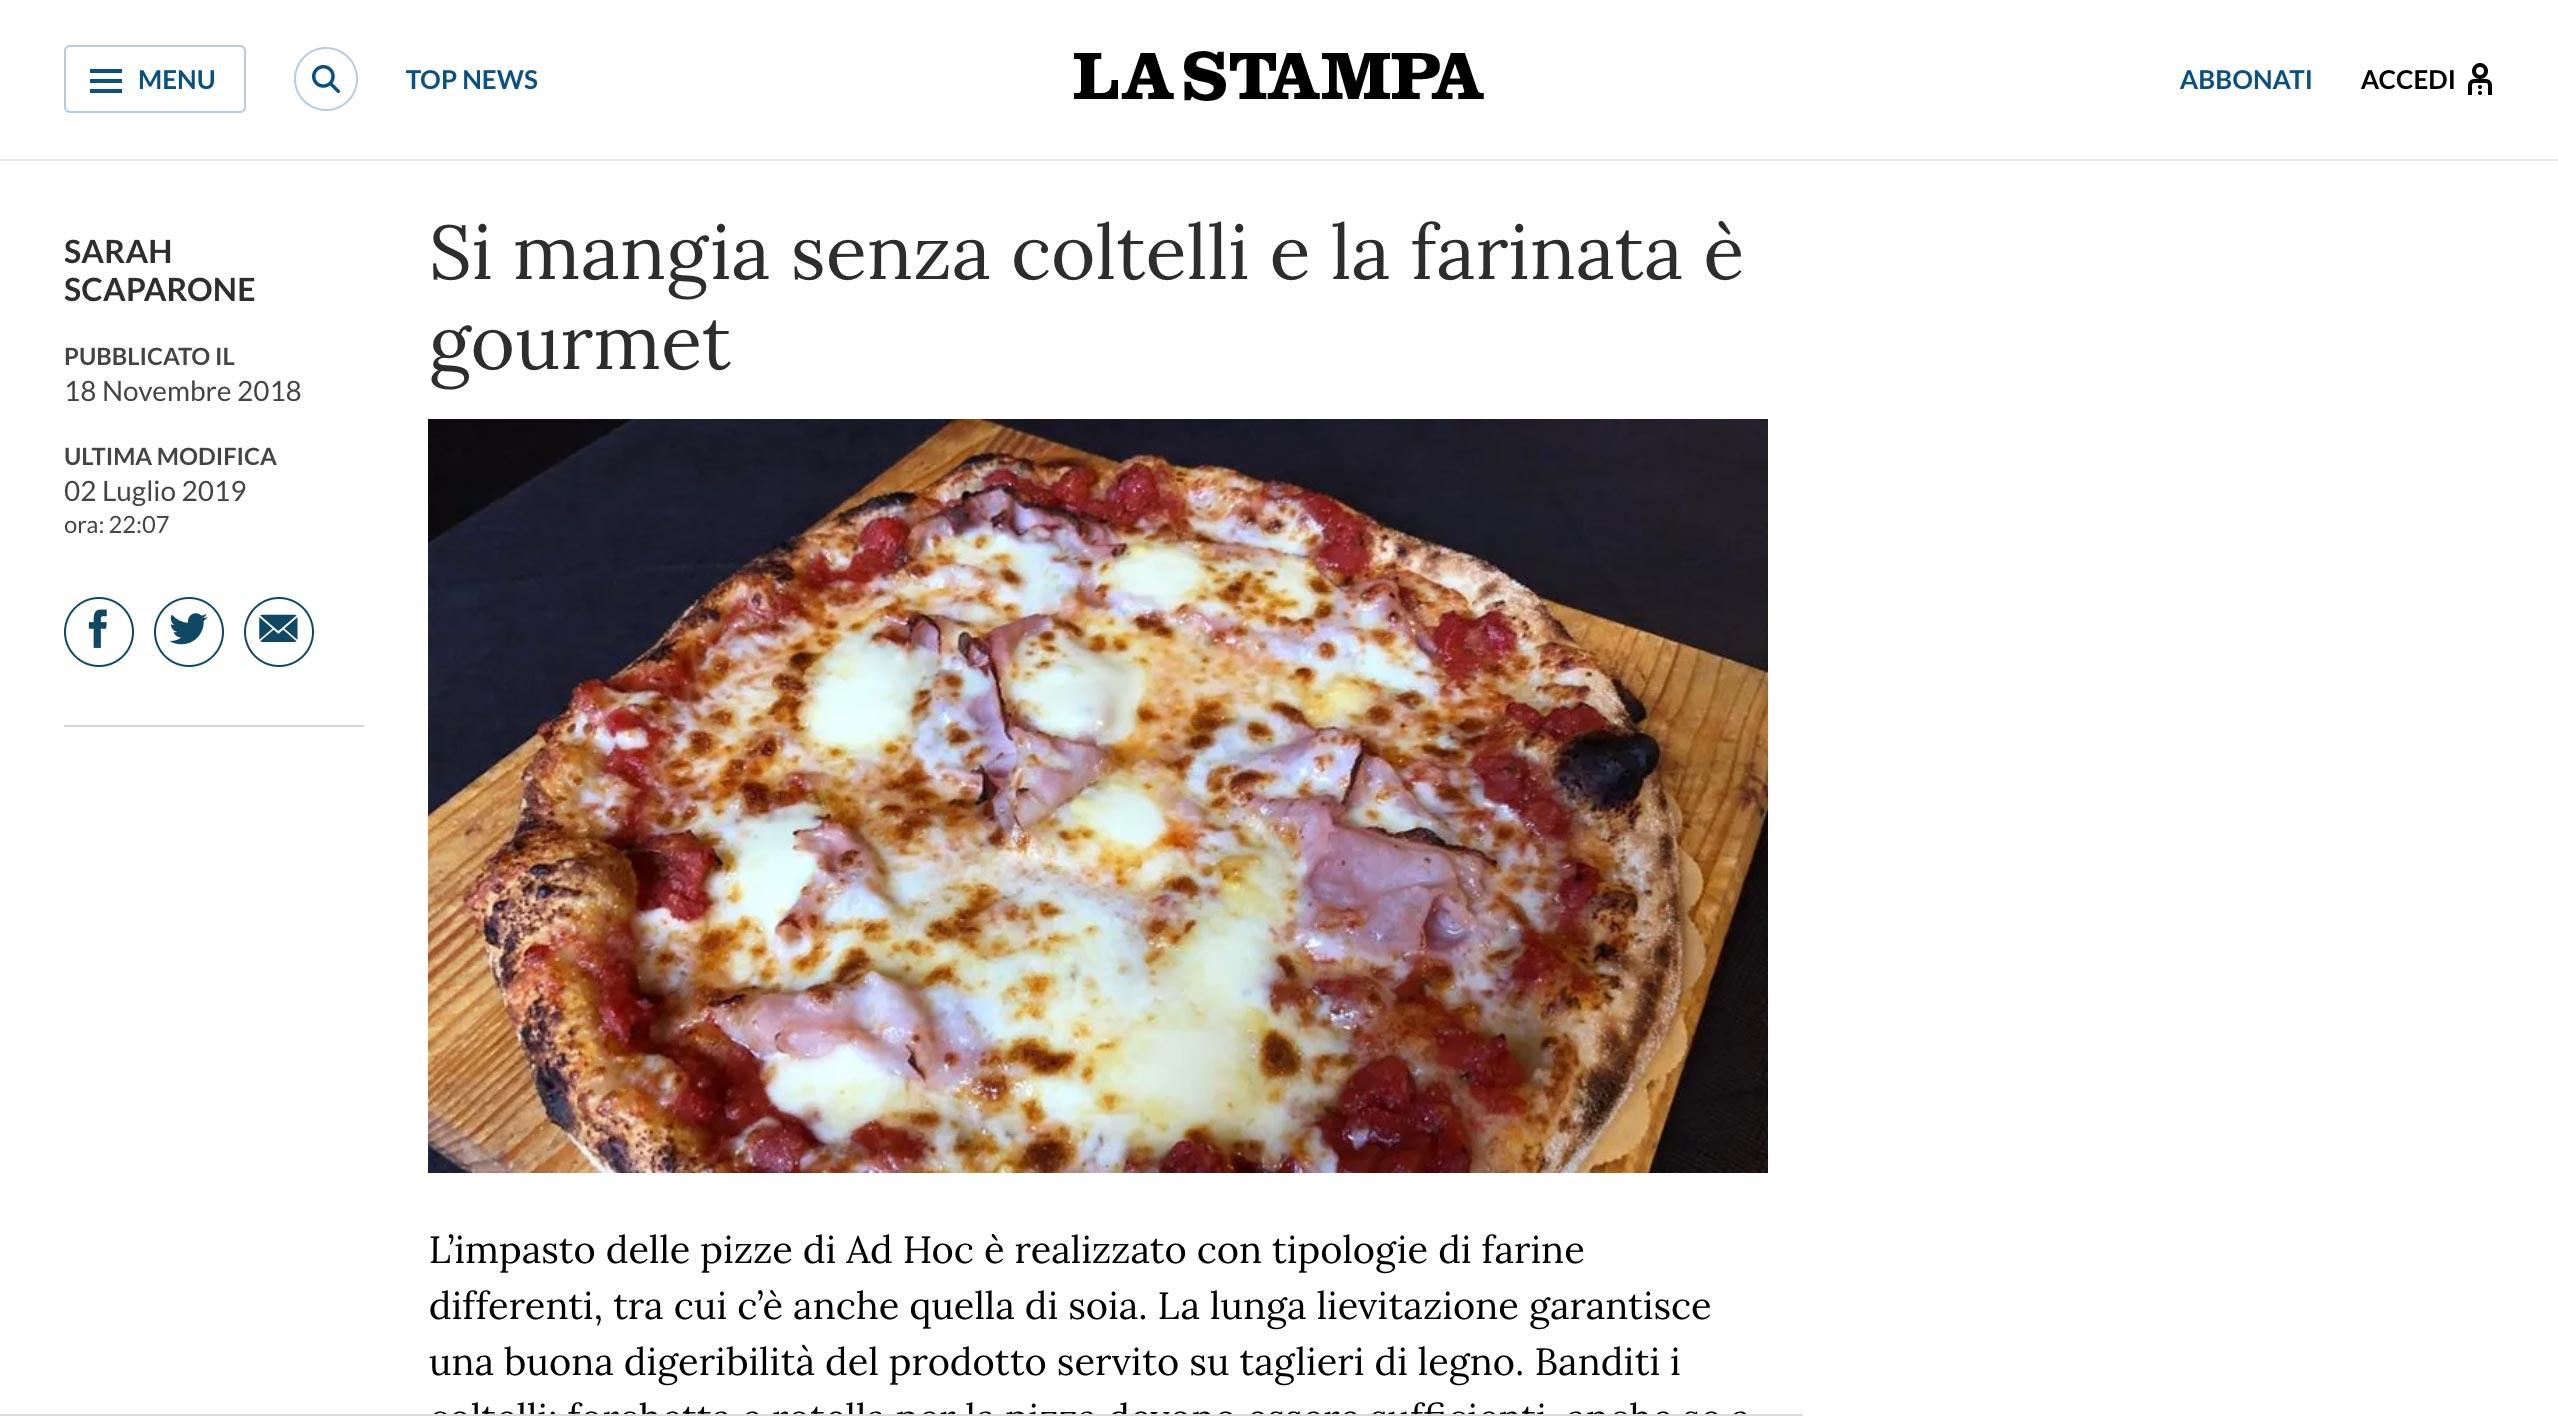 La Stampa, Pizza Ad Hoc